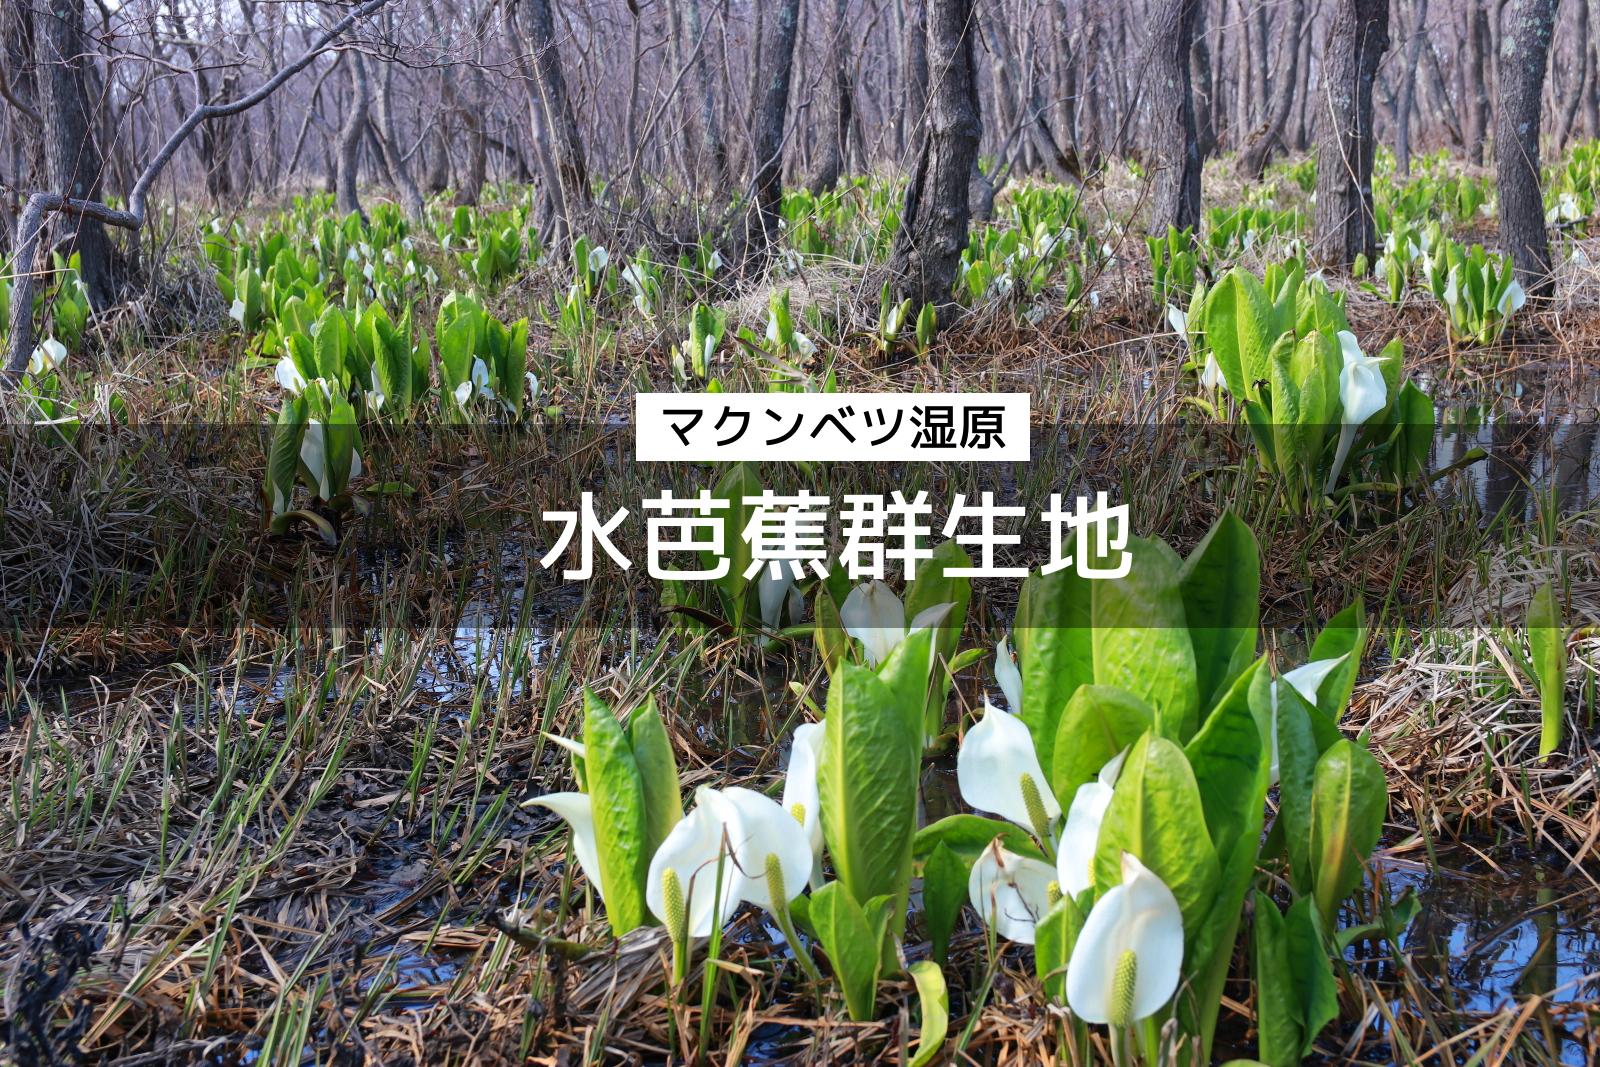 石狩市のミズバショウ群生地「マクンベツ湿原」で春の訪れ感じよう